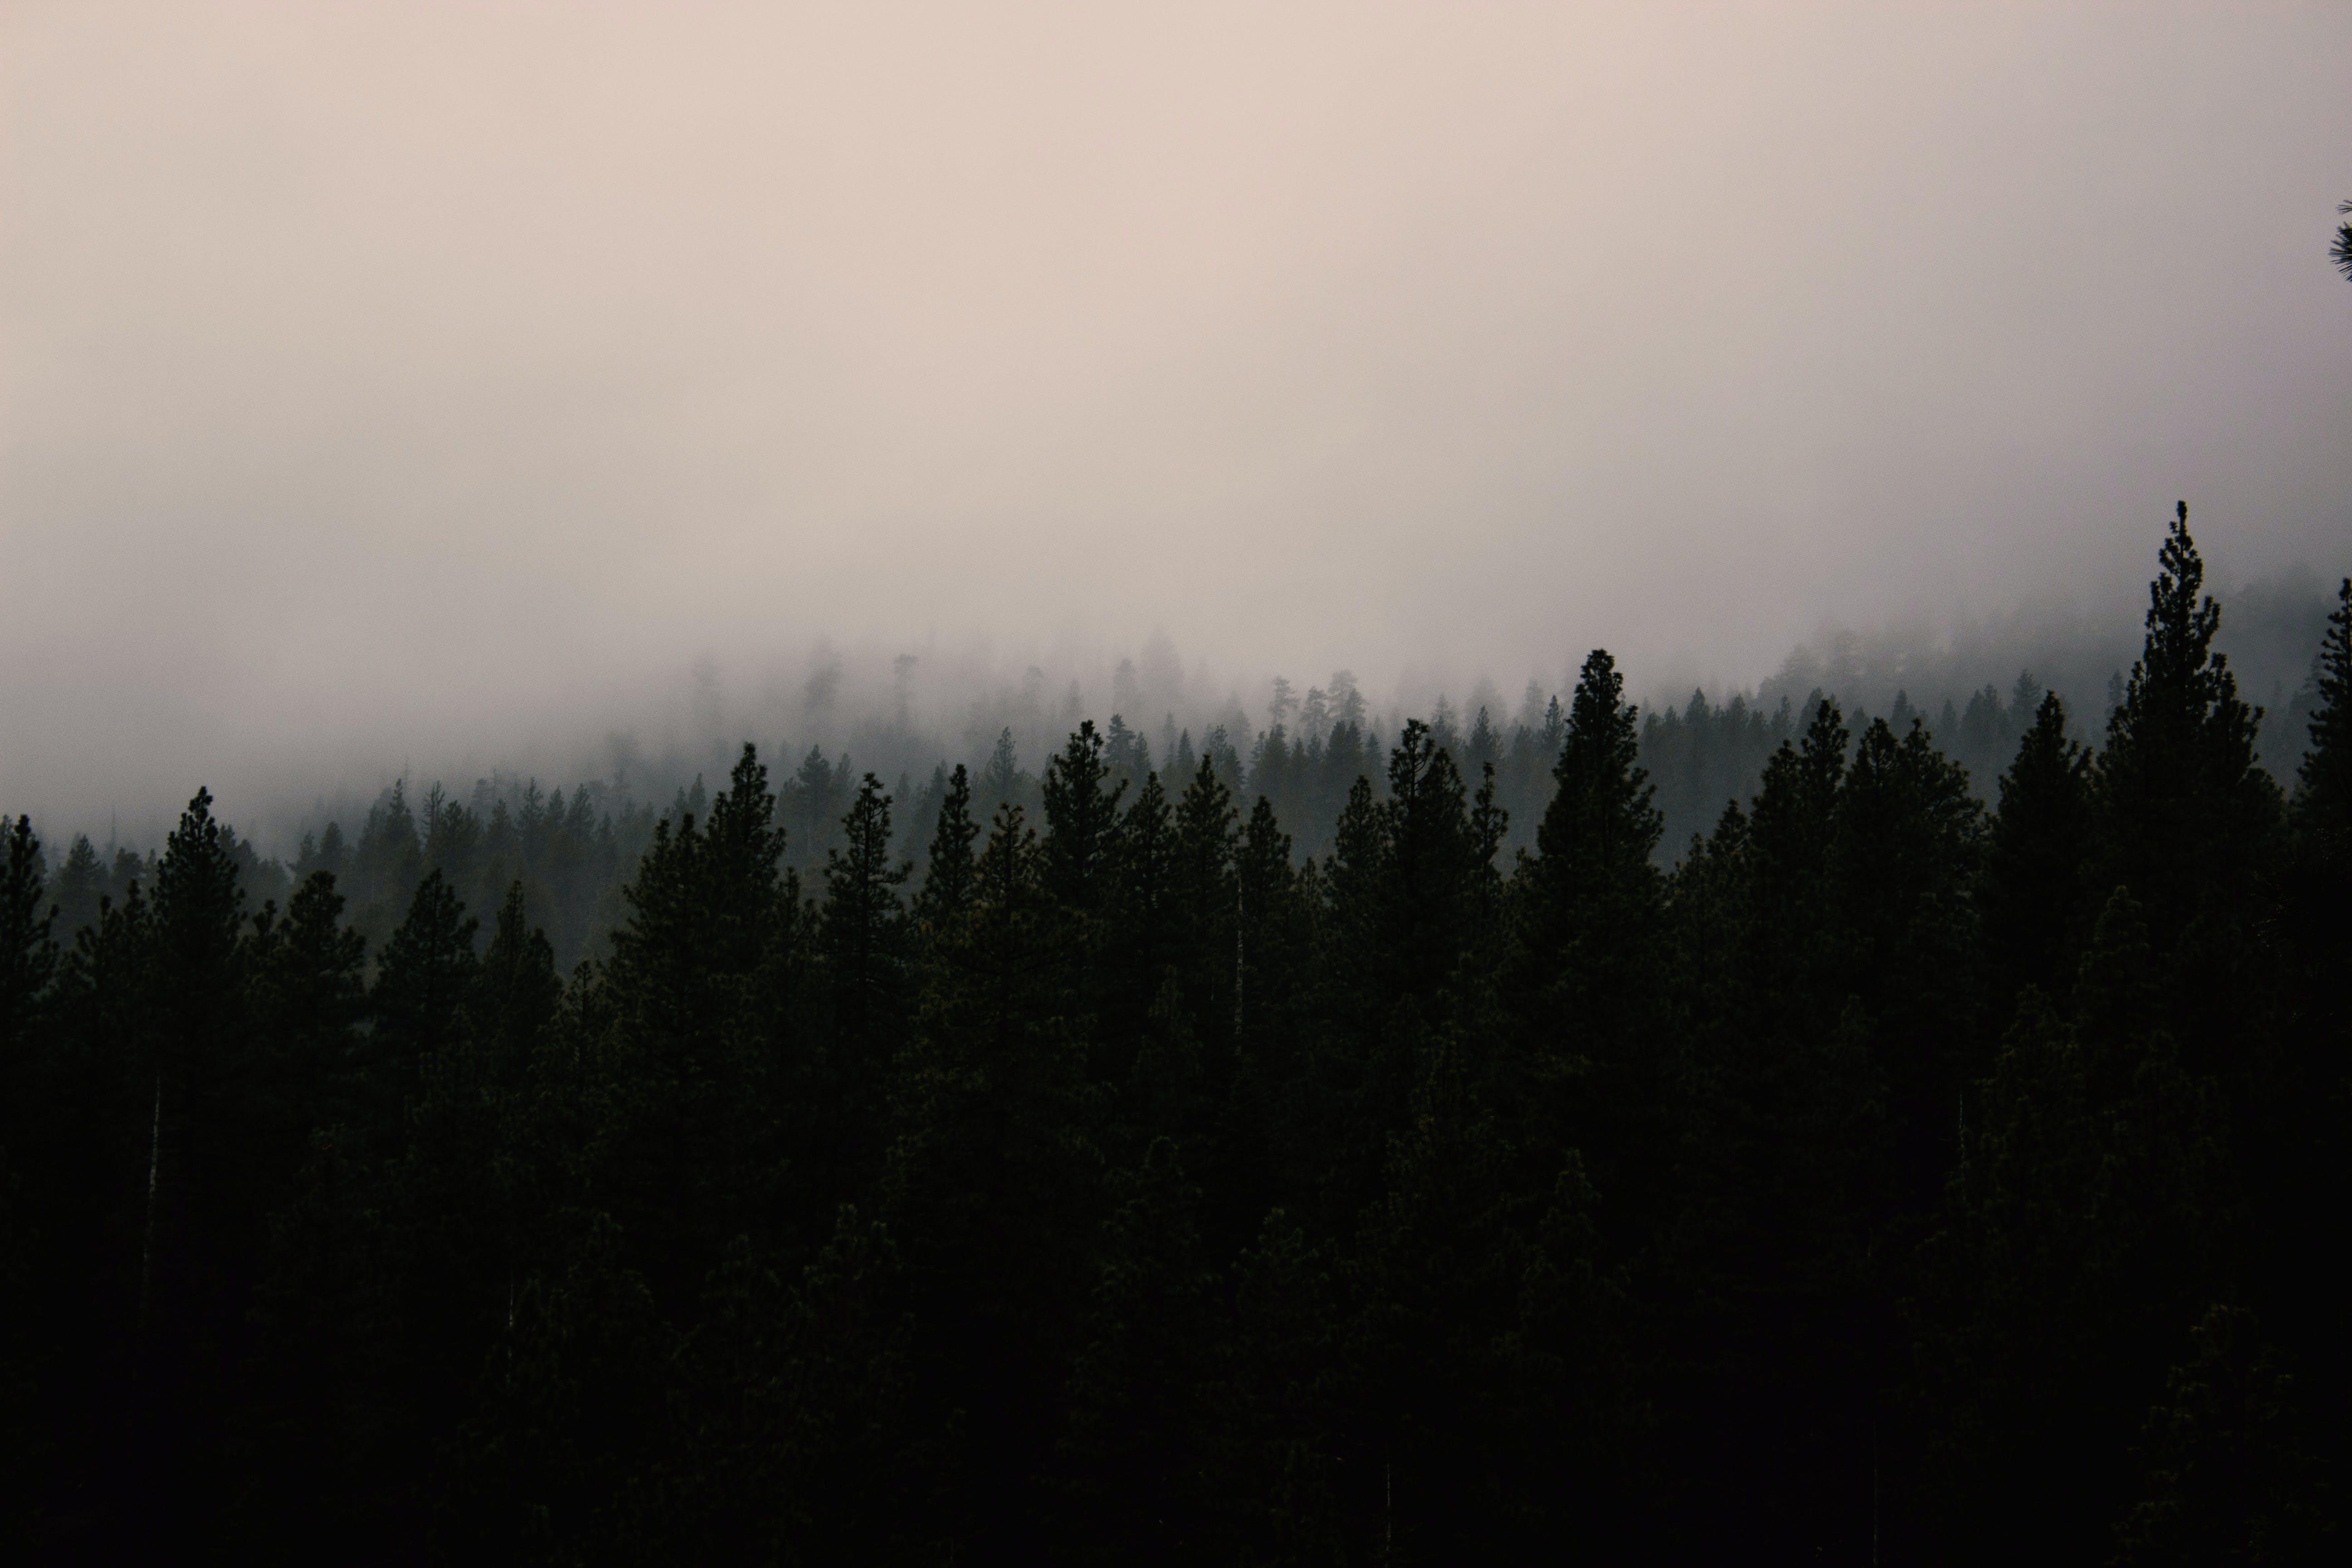 天性, 天空, 景觀, 樹木 的 免费素材照片